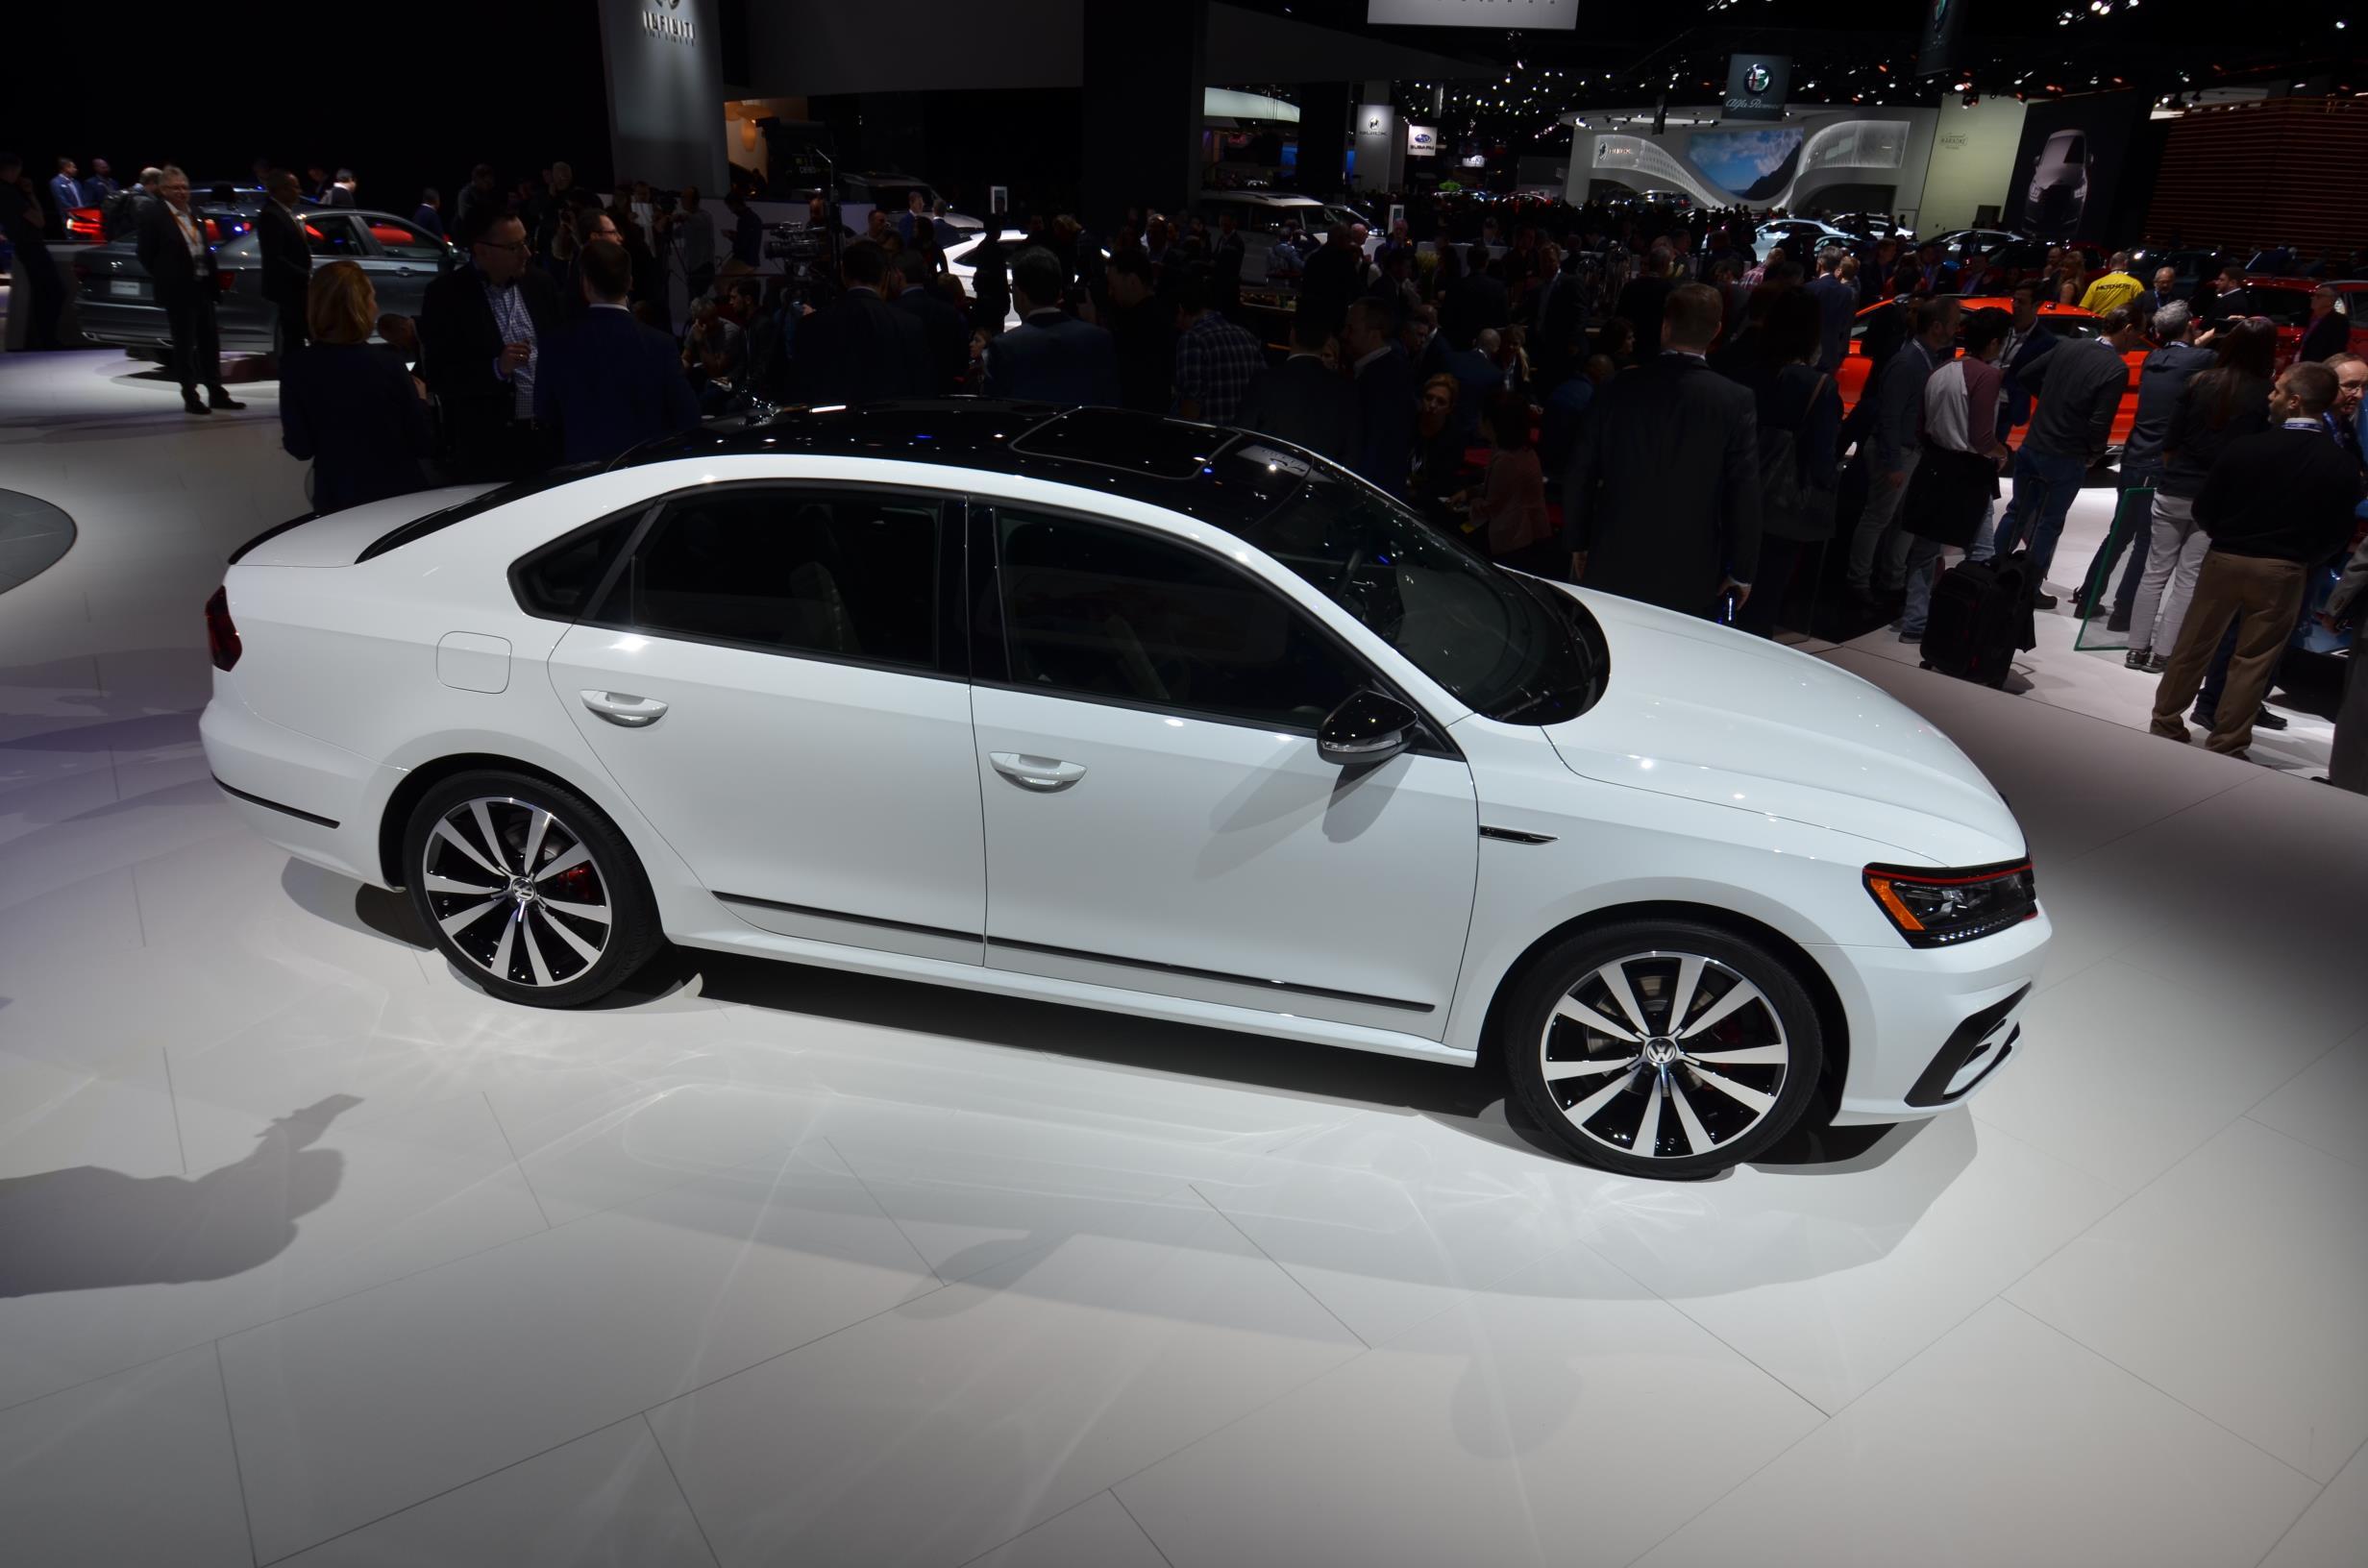 2019 Volkswagen U S Lineup Sees Passat Price Go Up By 2 300